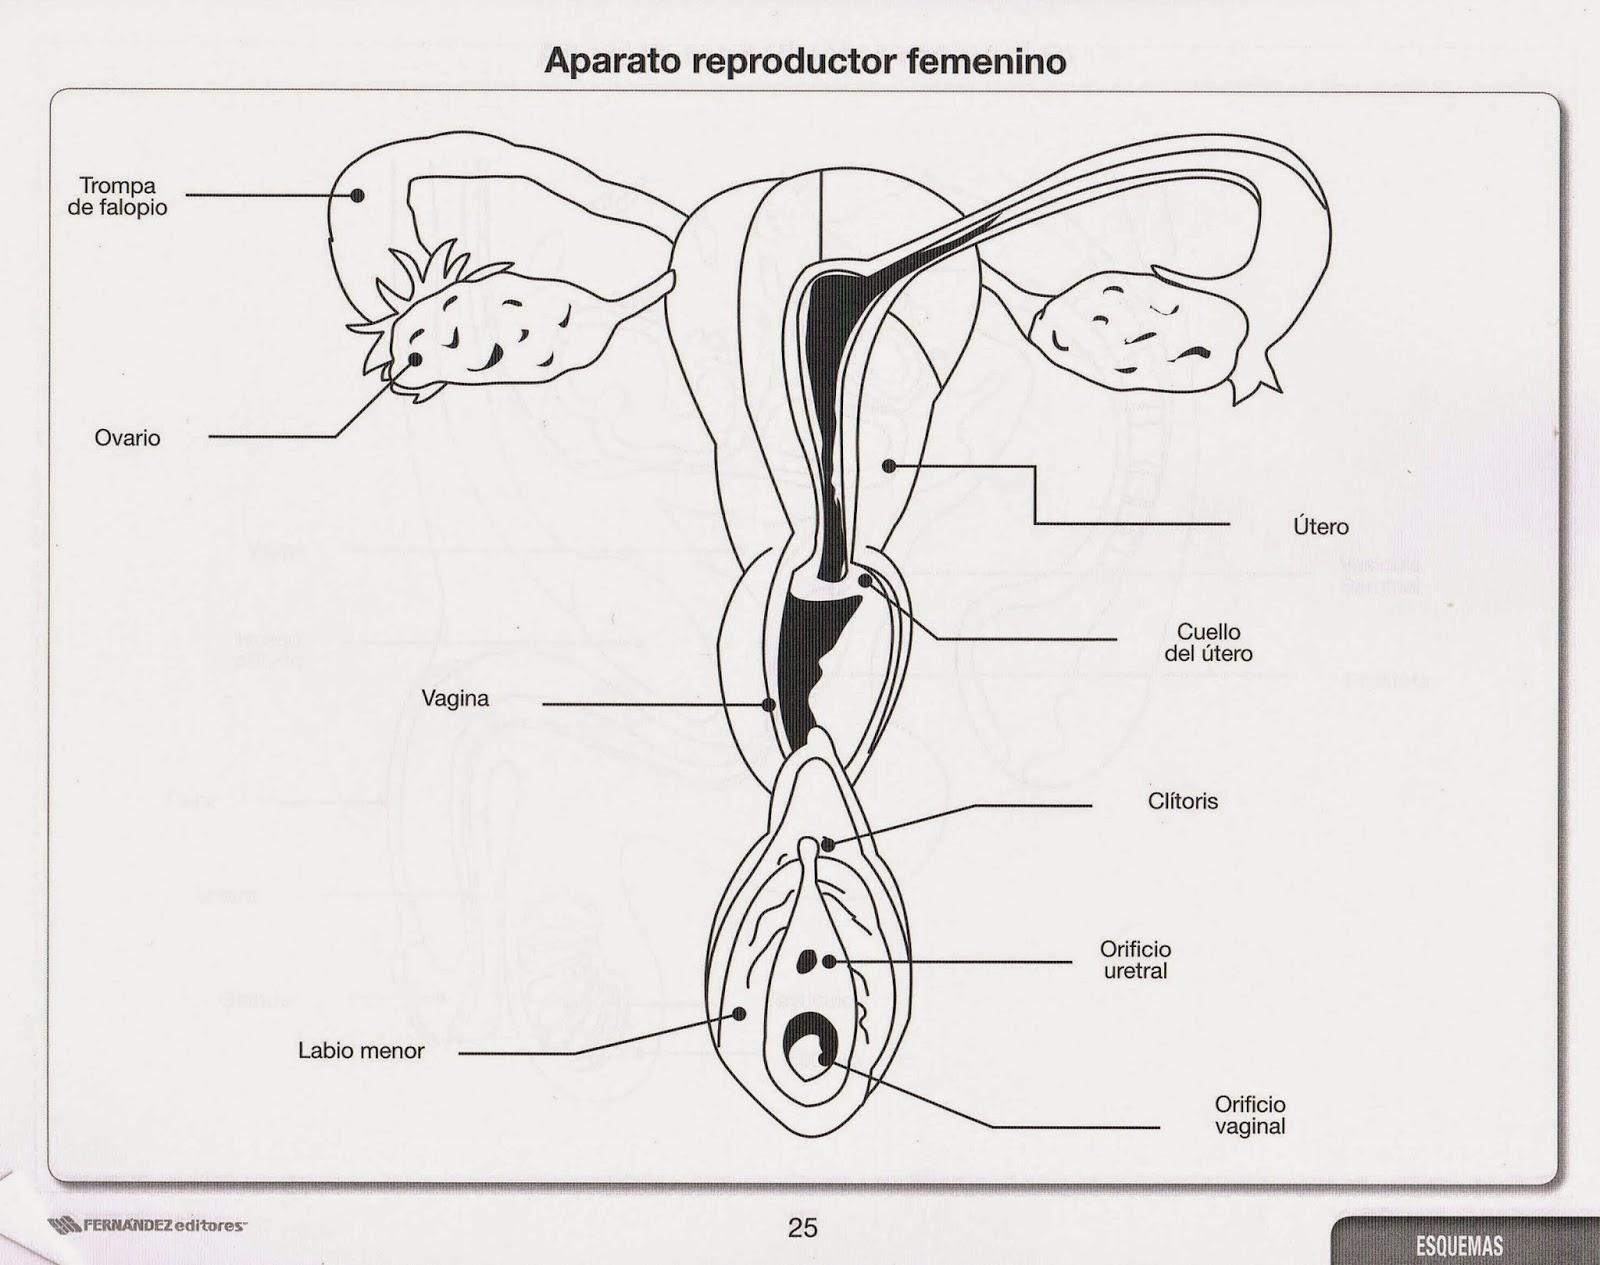 Atractivo La Imagen Del Diagrama De Sistema Reproductor Femenino ...